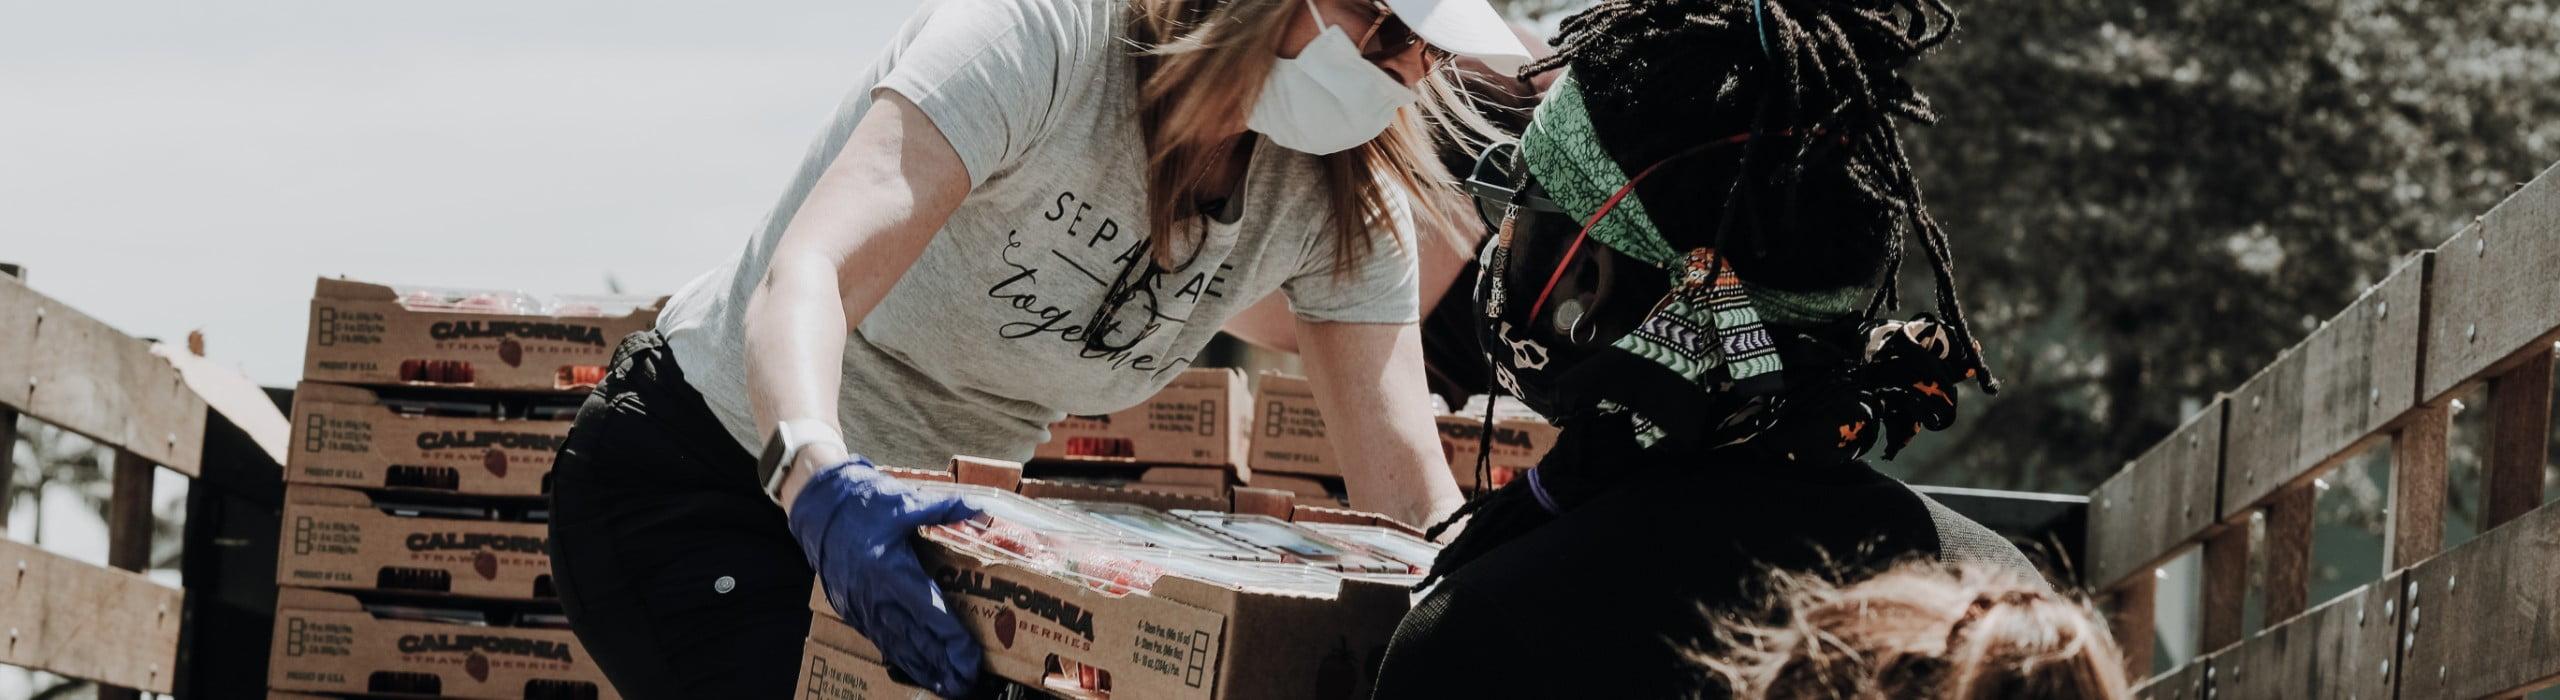 Lutte contre le gaspillage et solidarité alimentaire au marché de gros de Tours